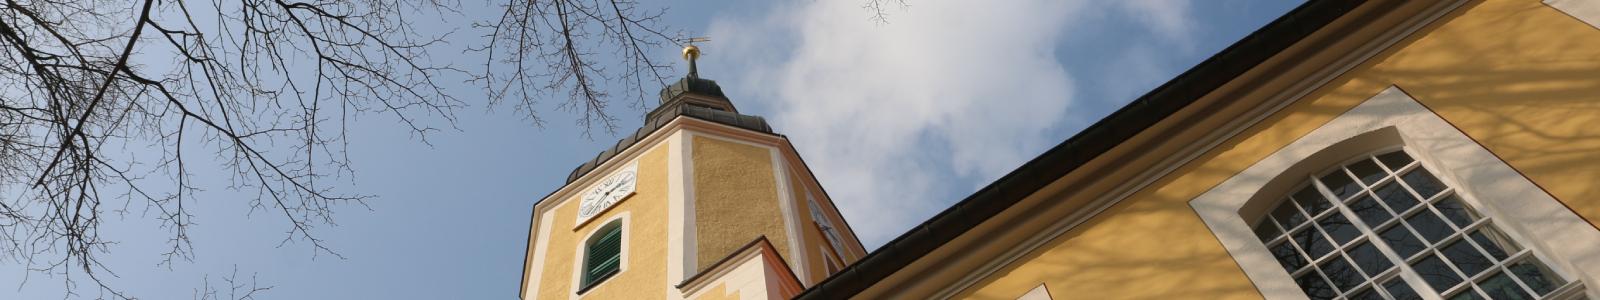 Kirche Zschoppach